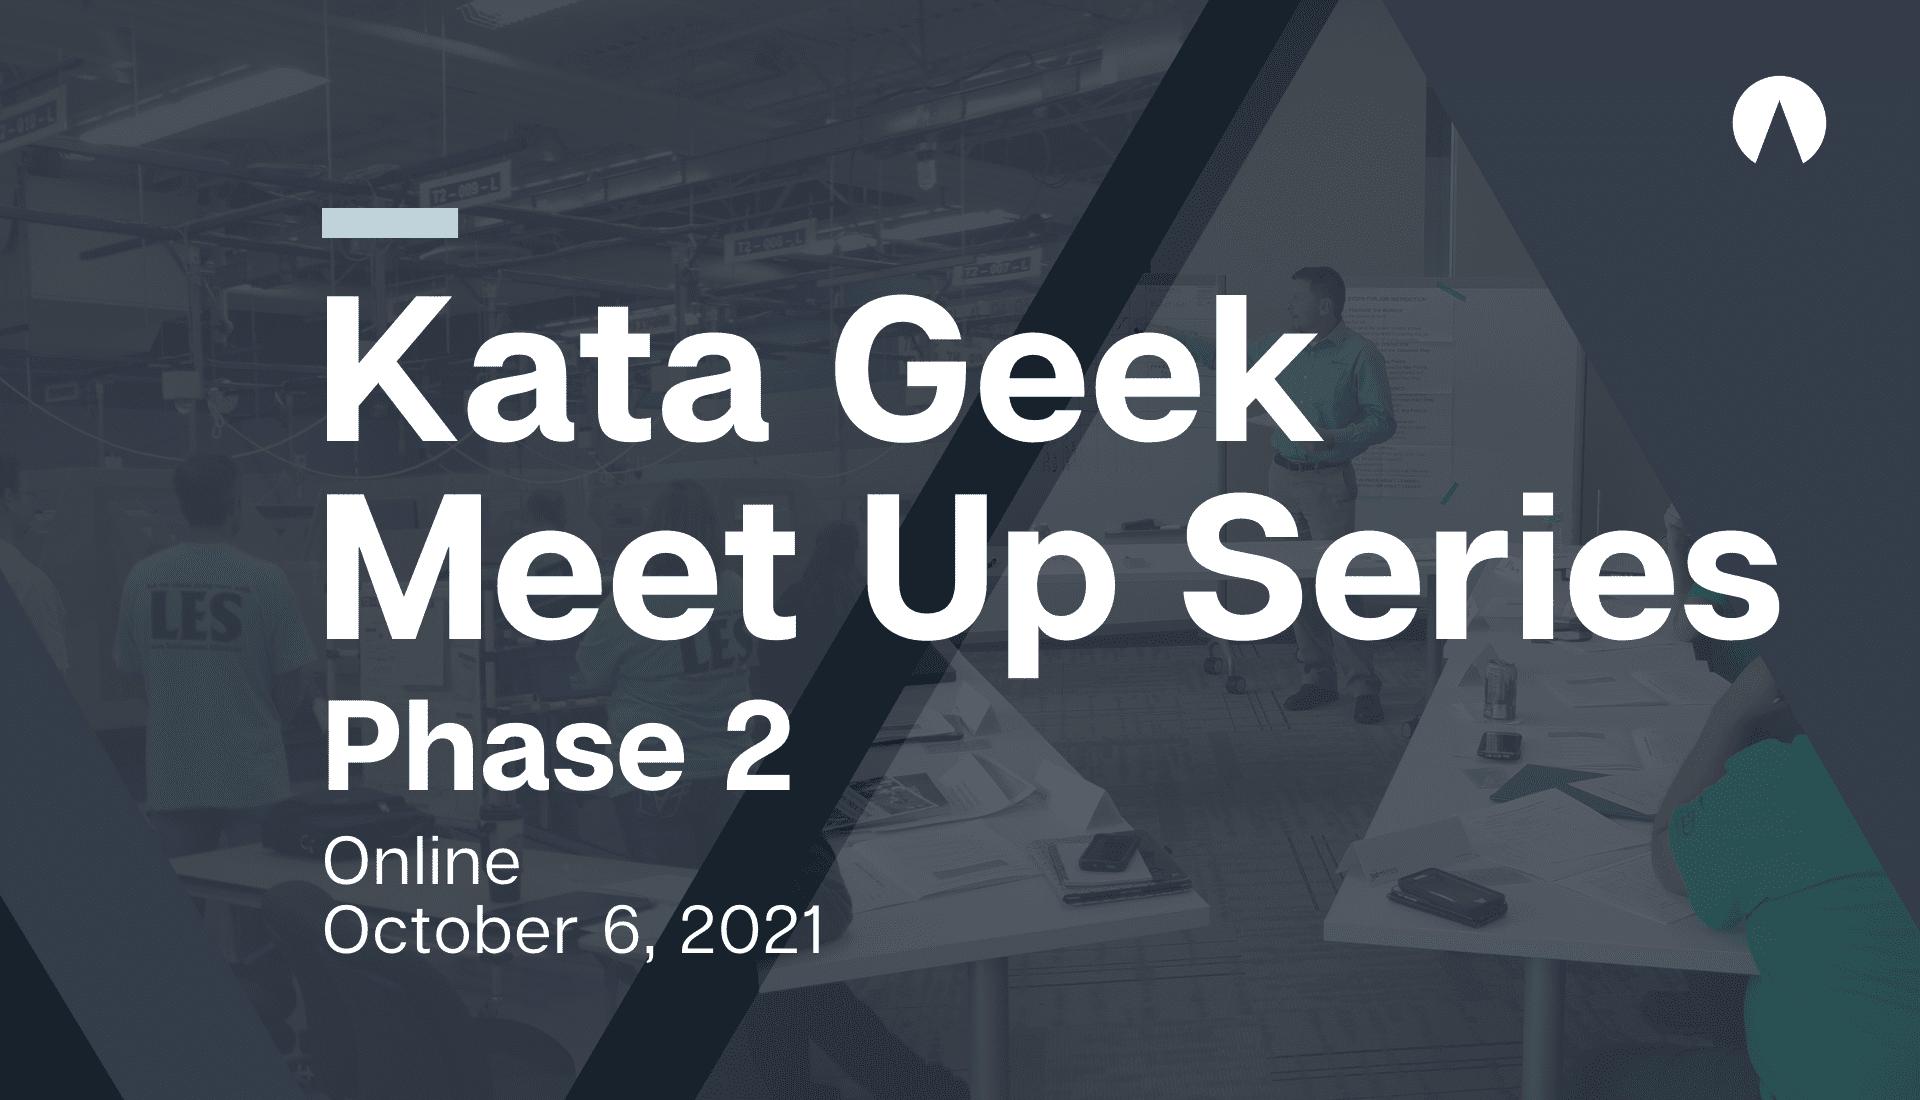 Kata Geek Meet Up Series: Phase 2